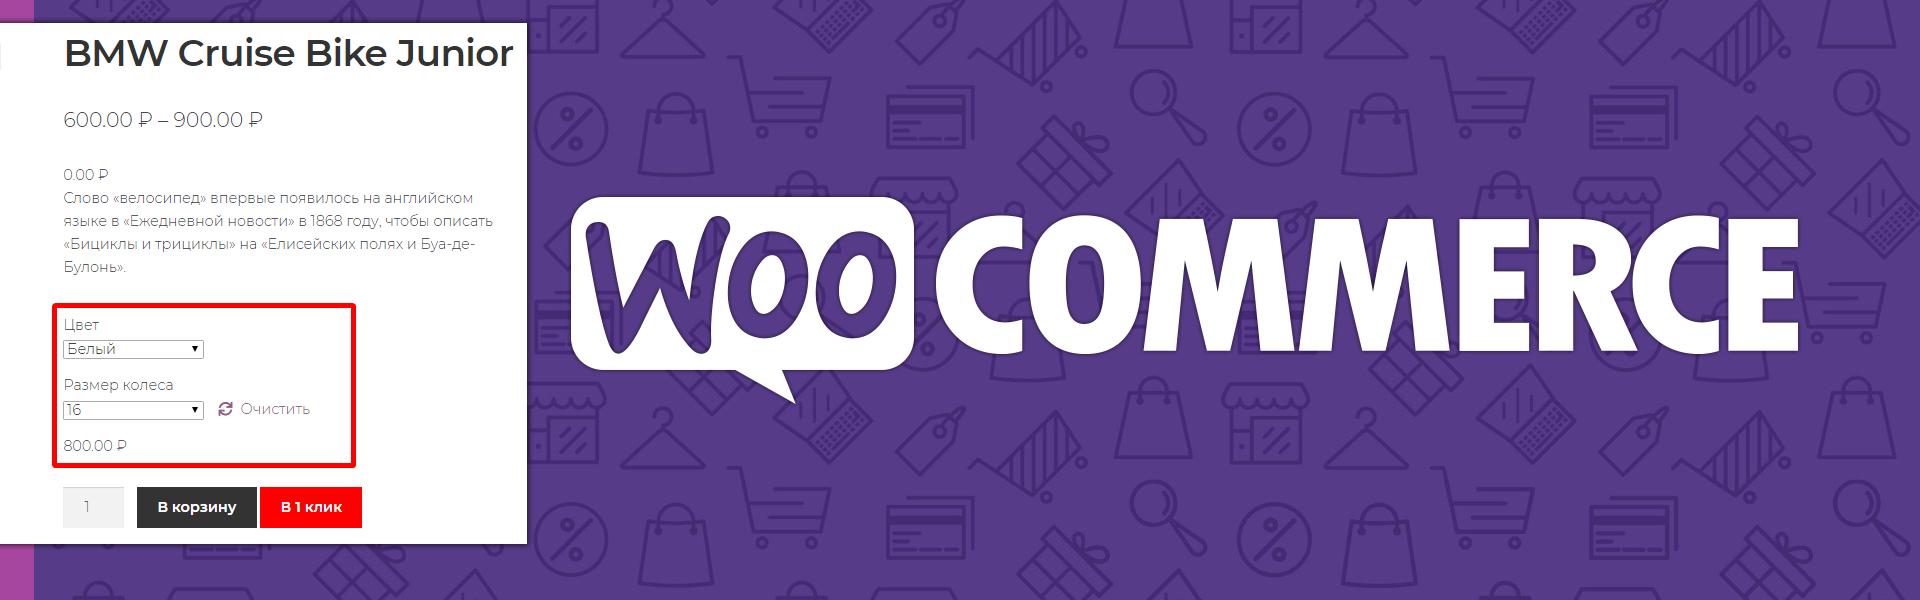 Добавление произвольных полей в товарах Woocommerce. Большая инструкция • 2 • Финты WordPress